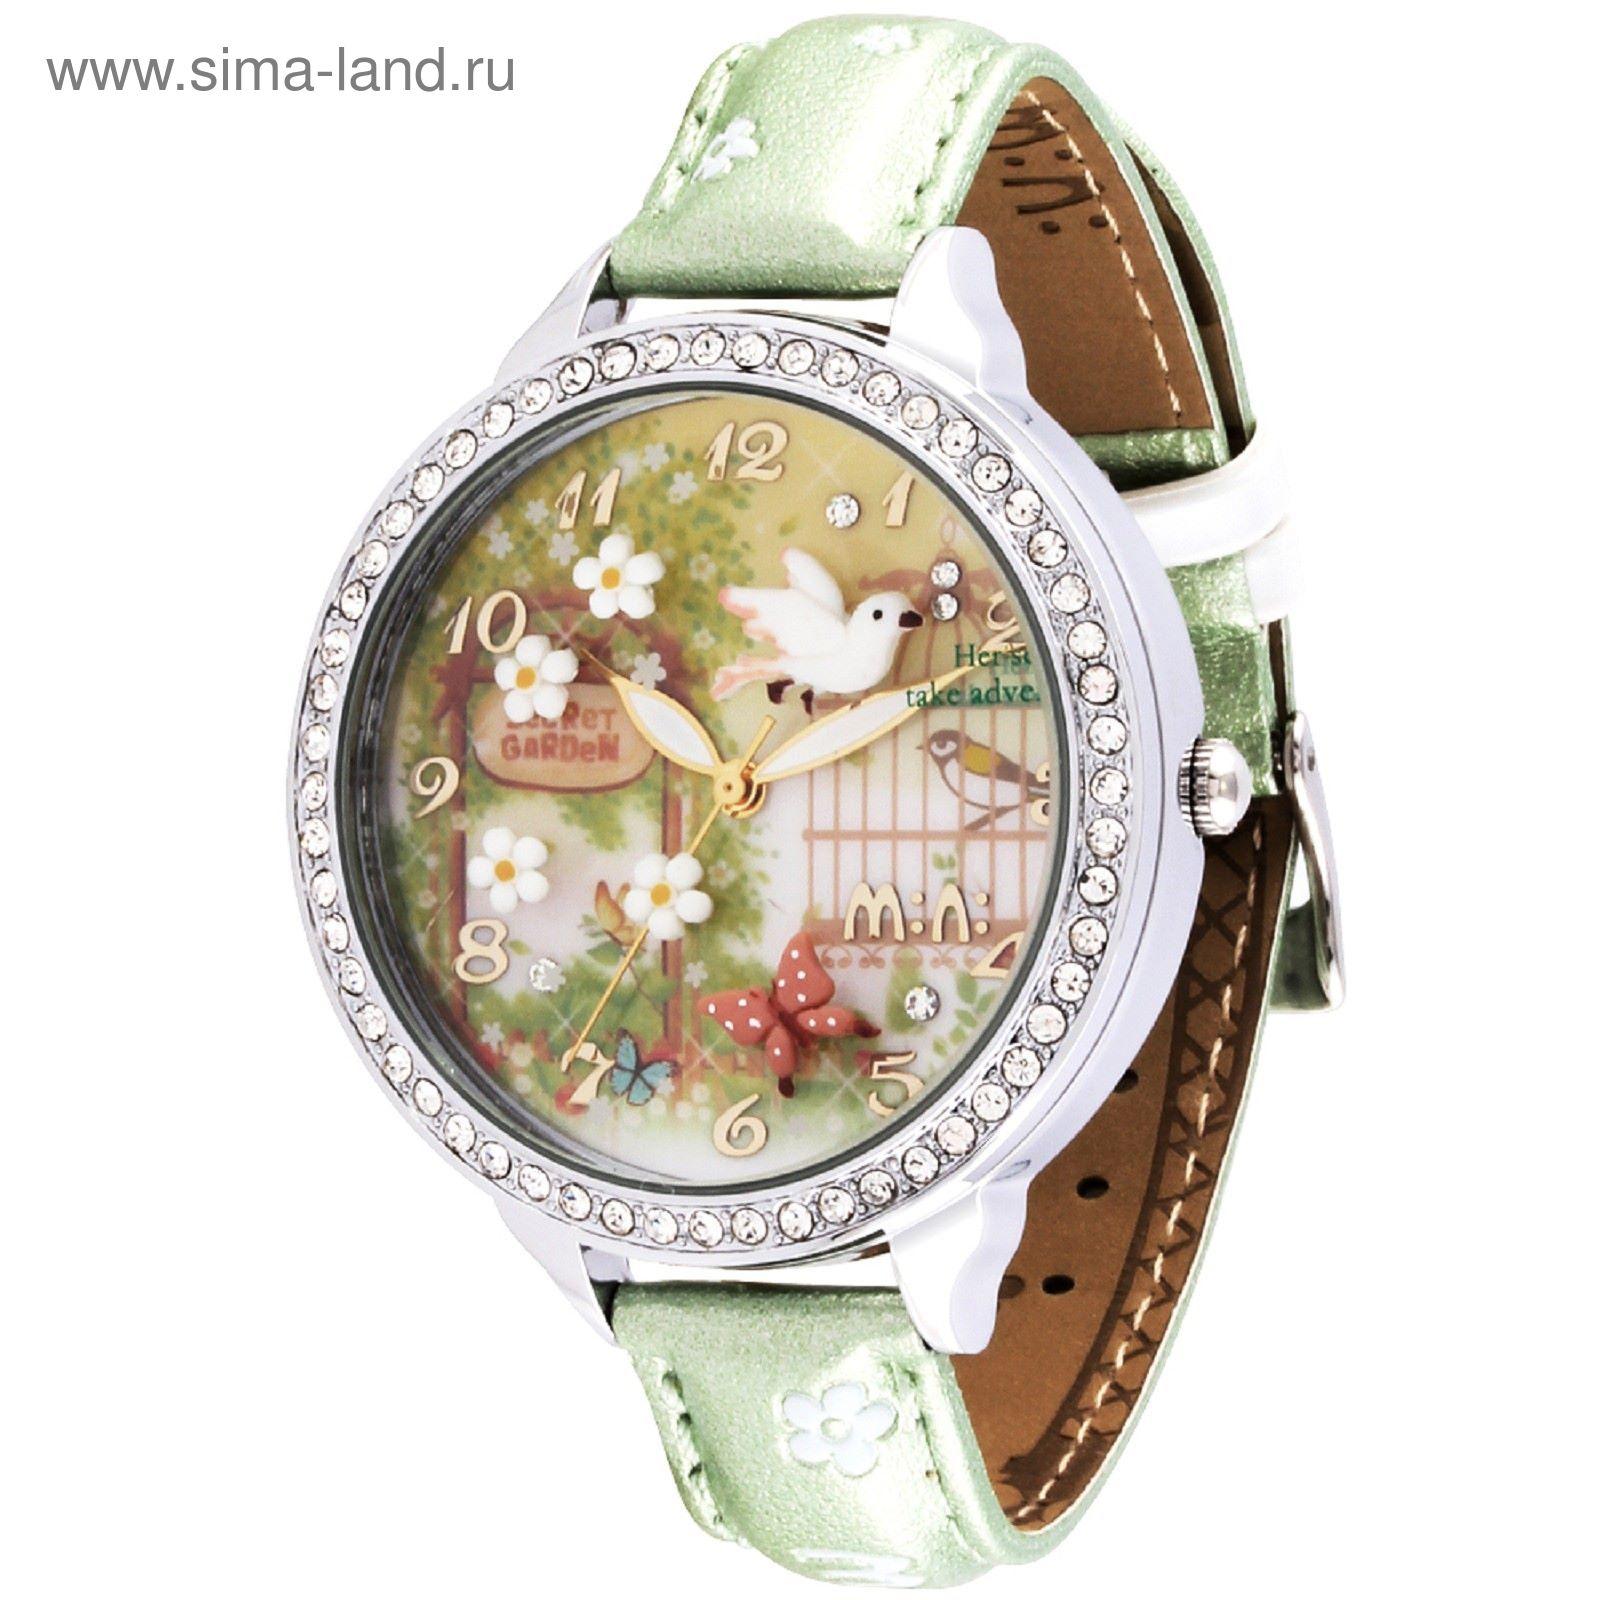 Наручные часы mns1050 недорогие механические наручные часы с автоподзаводом